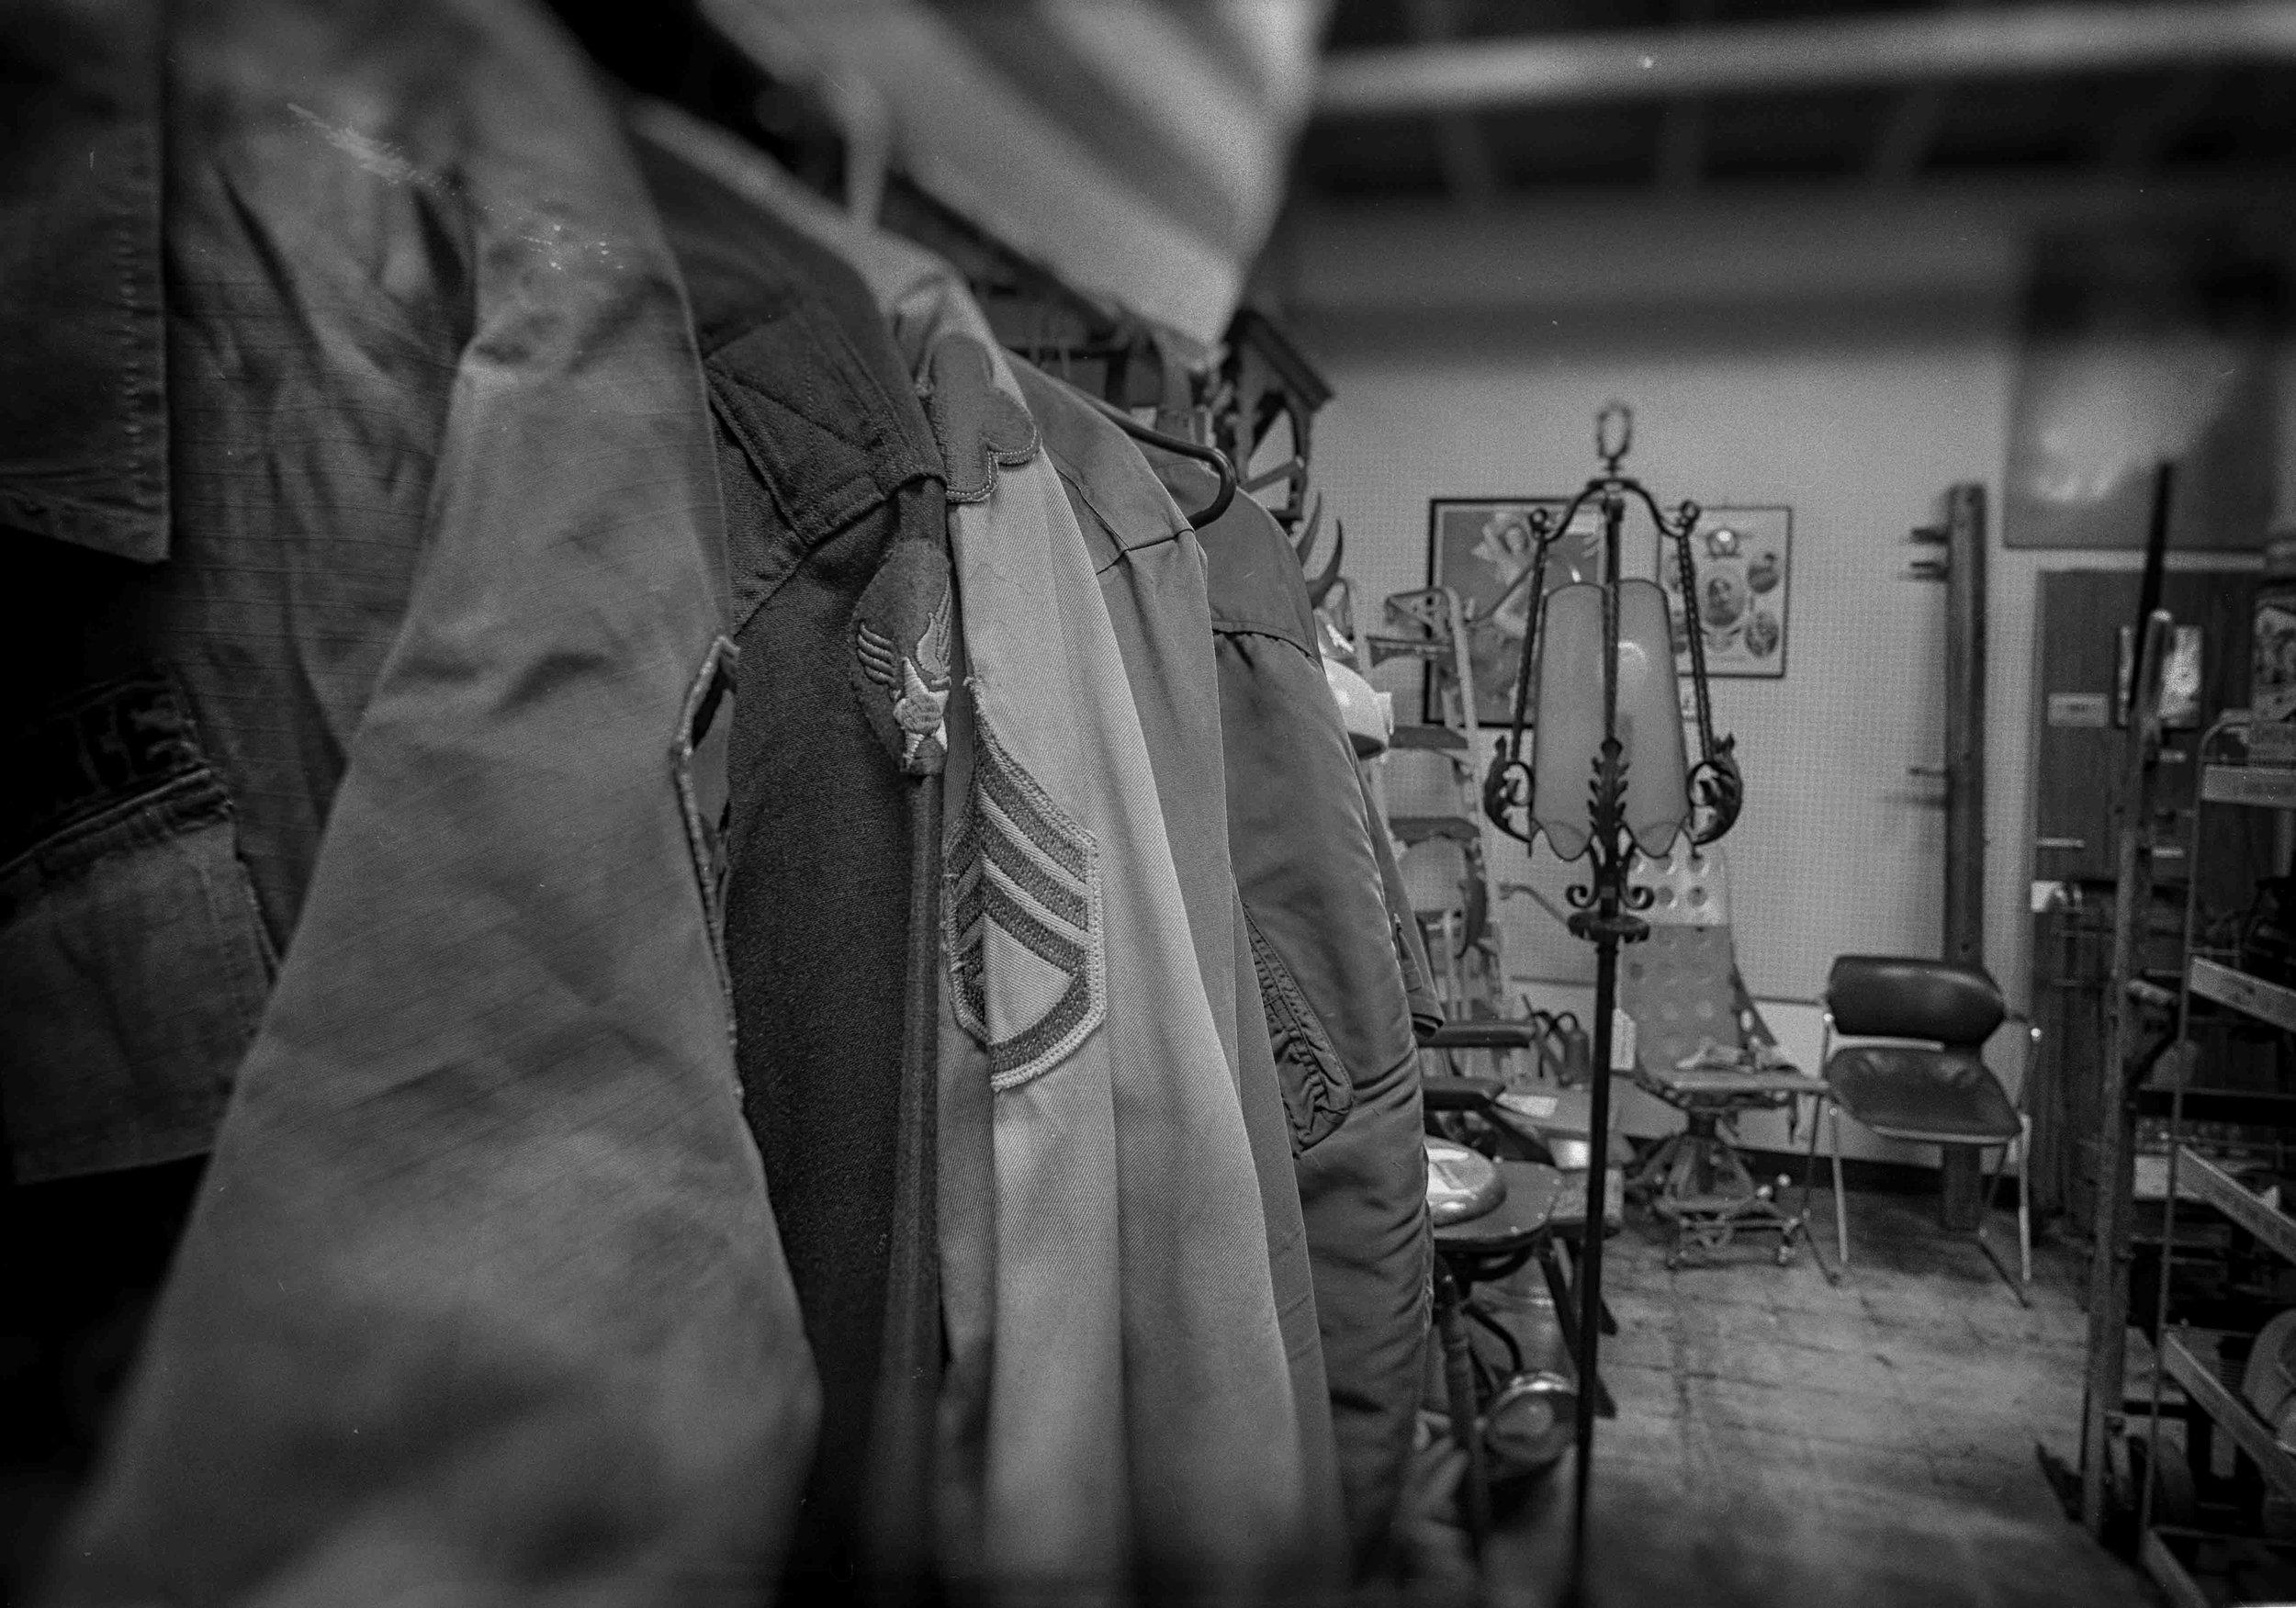 081317 Antique Shop Military Uniform Low Res BW.jpg